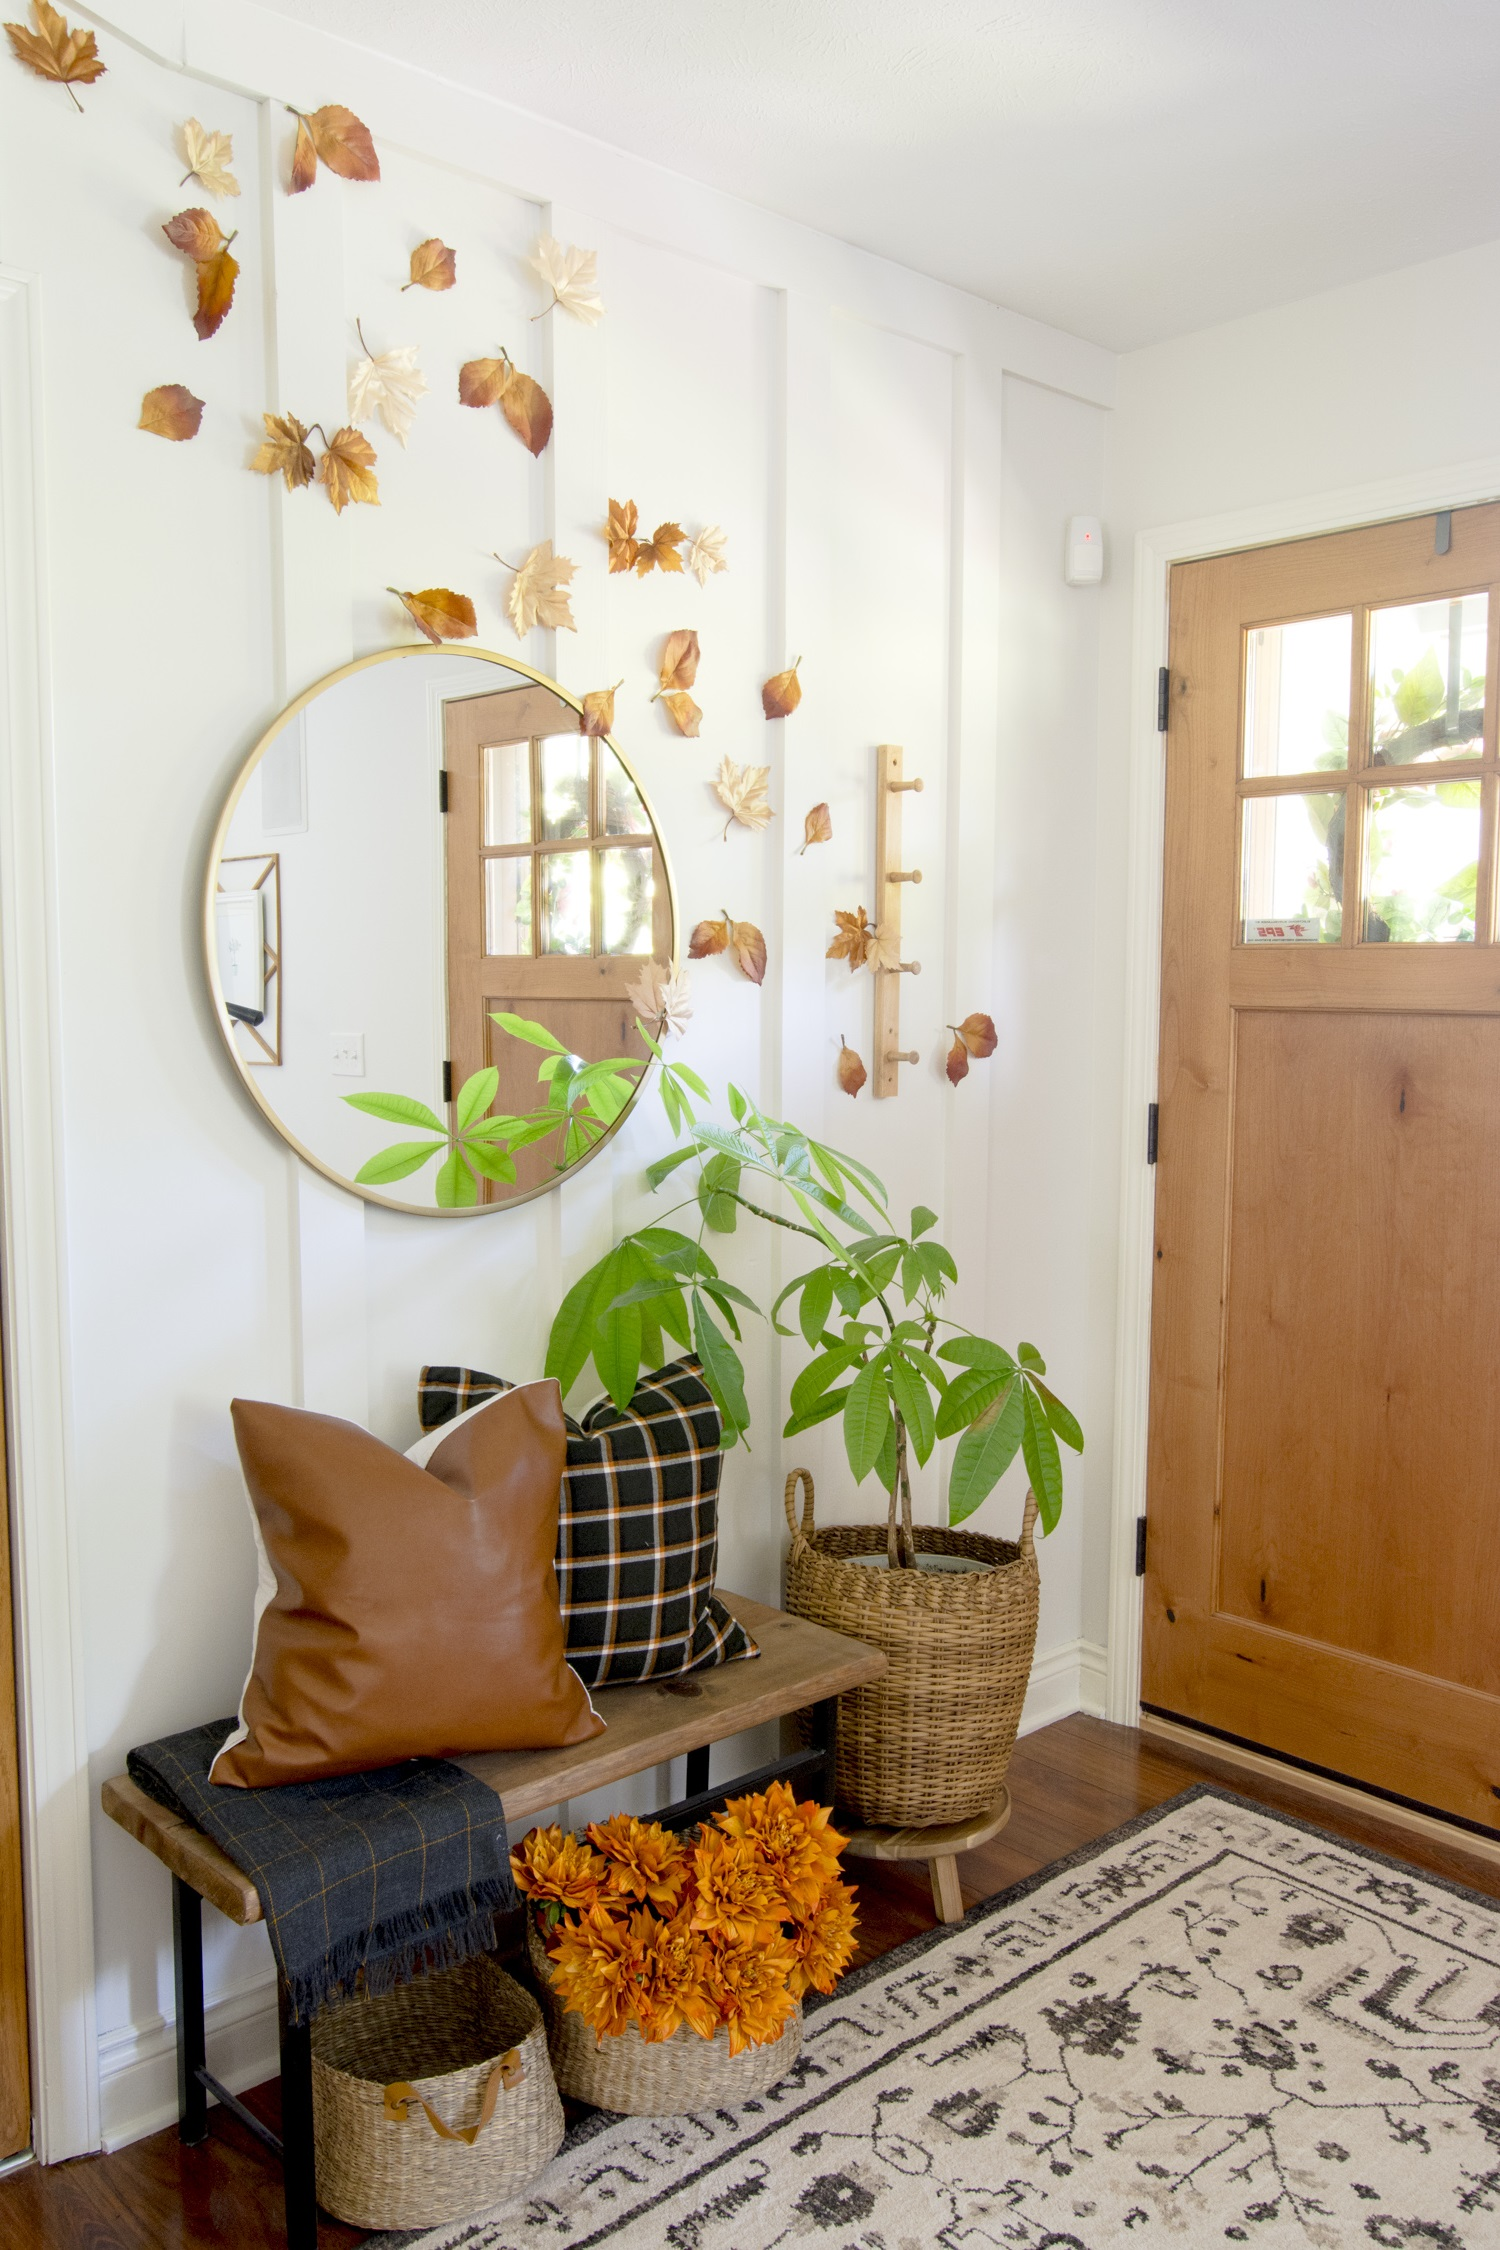 Décorez votre maison avec ce projet DIY créatif.